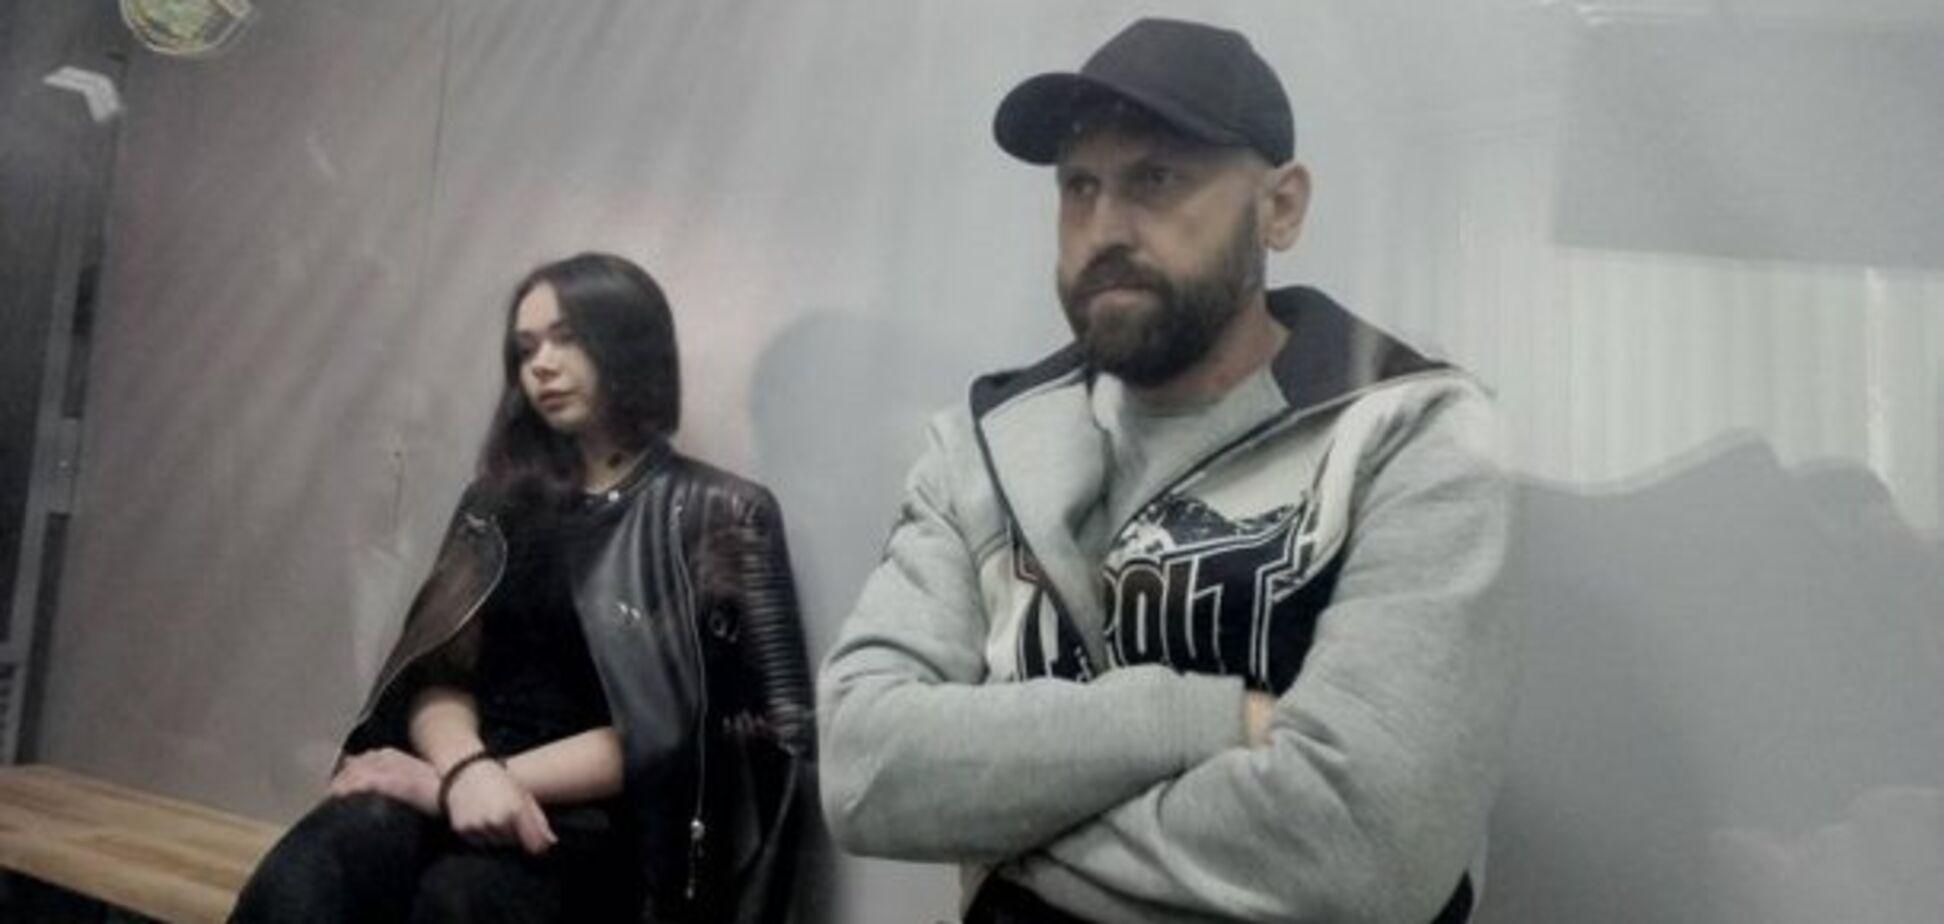 ДТП в Харькове: в деле Зайцевой нашли 'явный ляп'